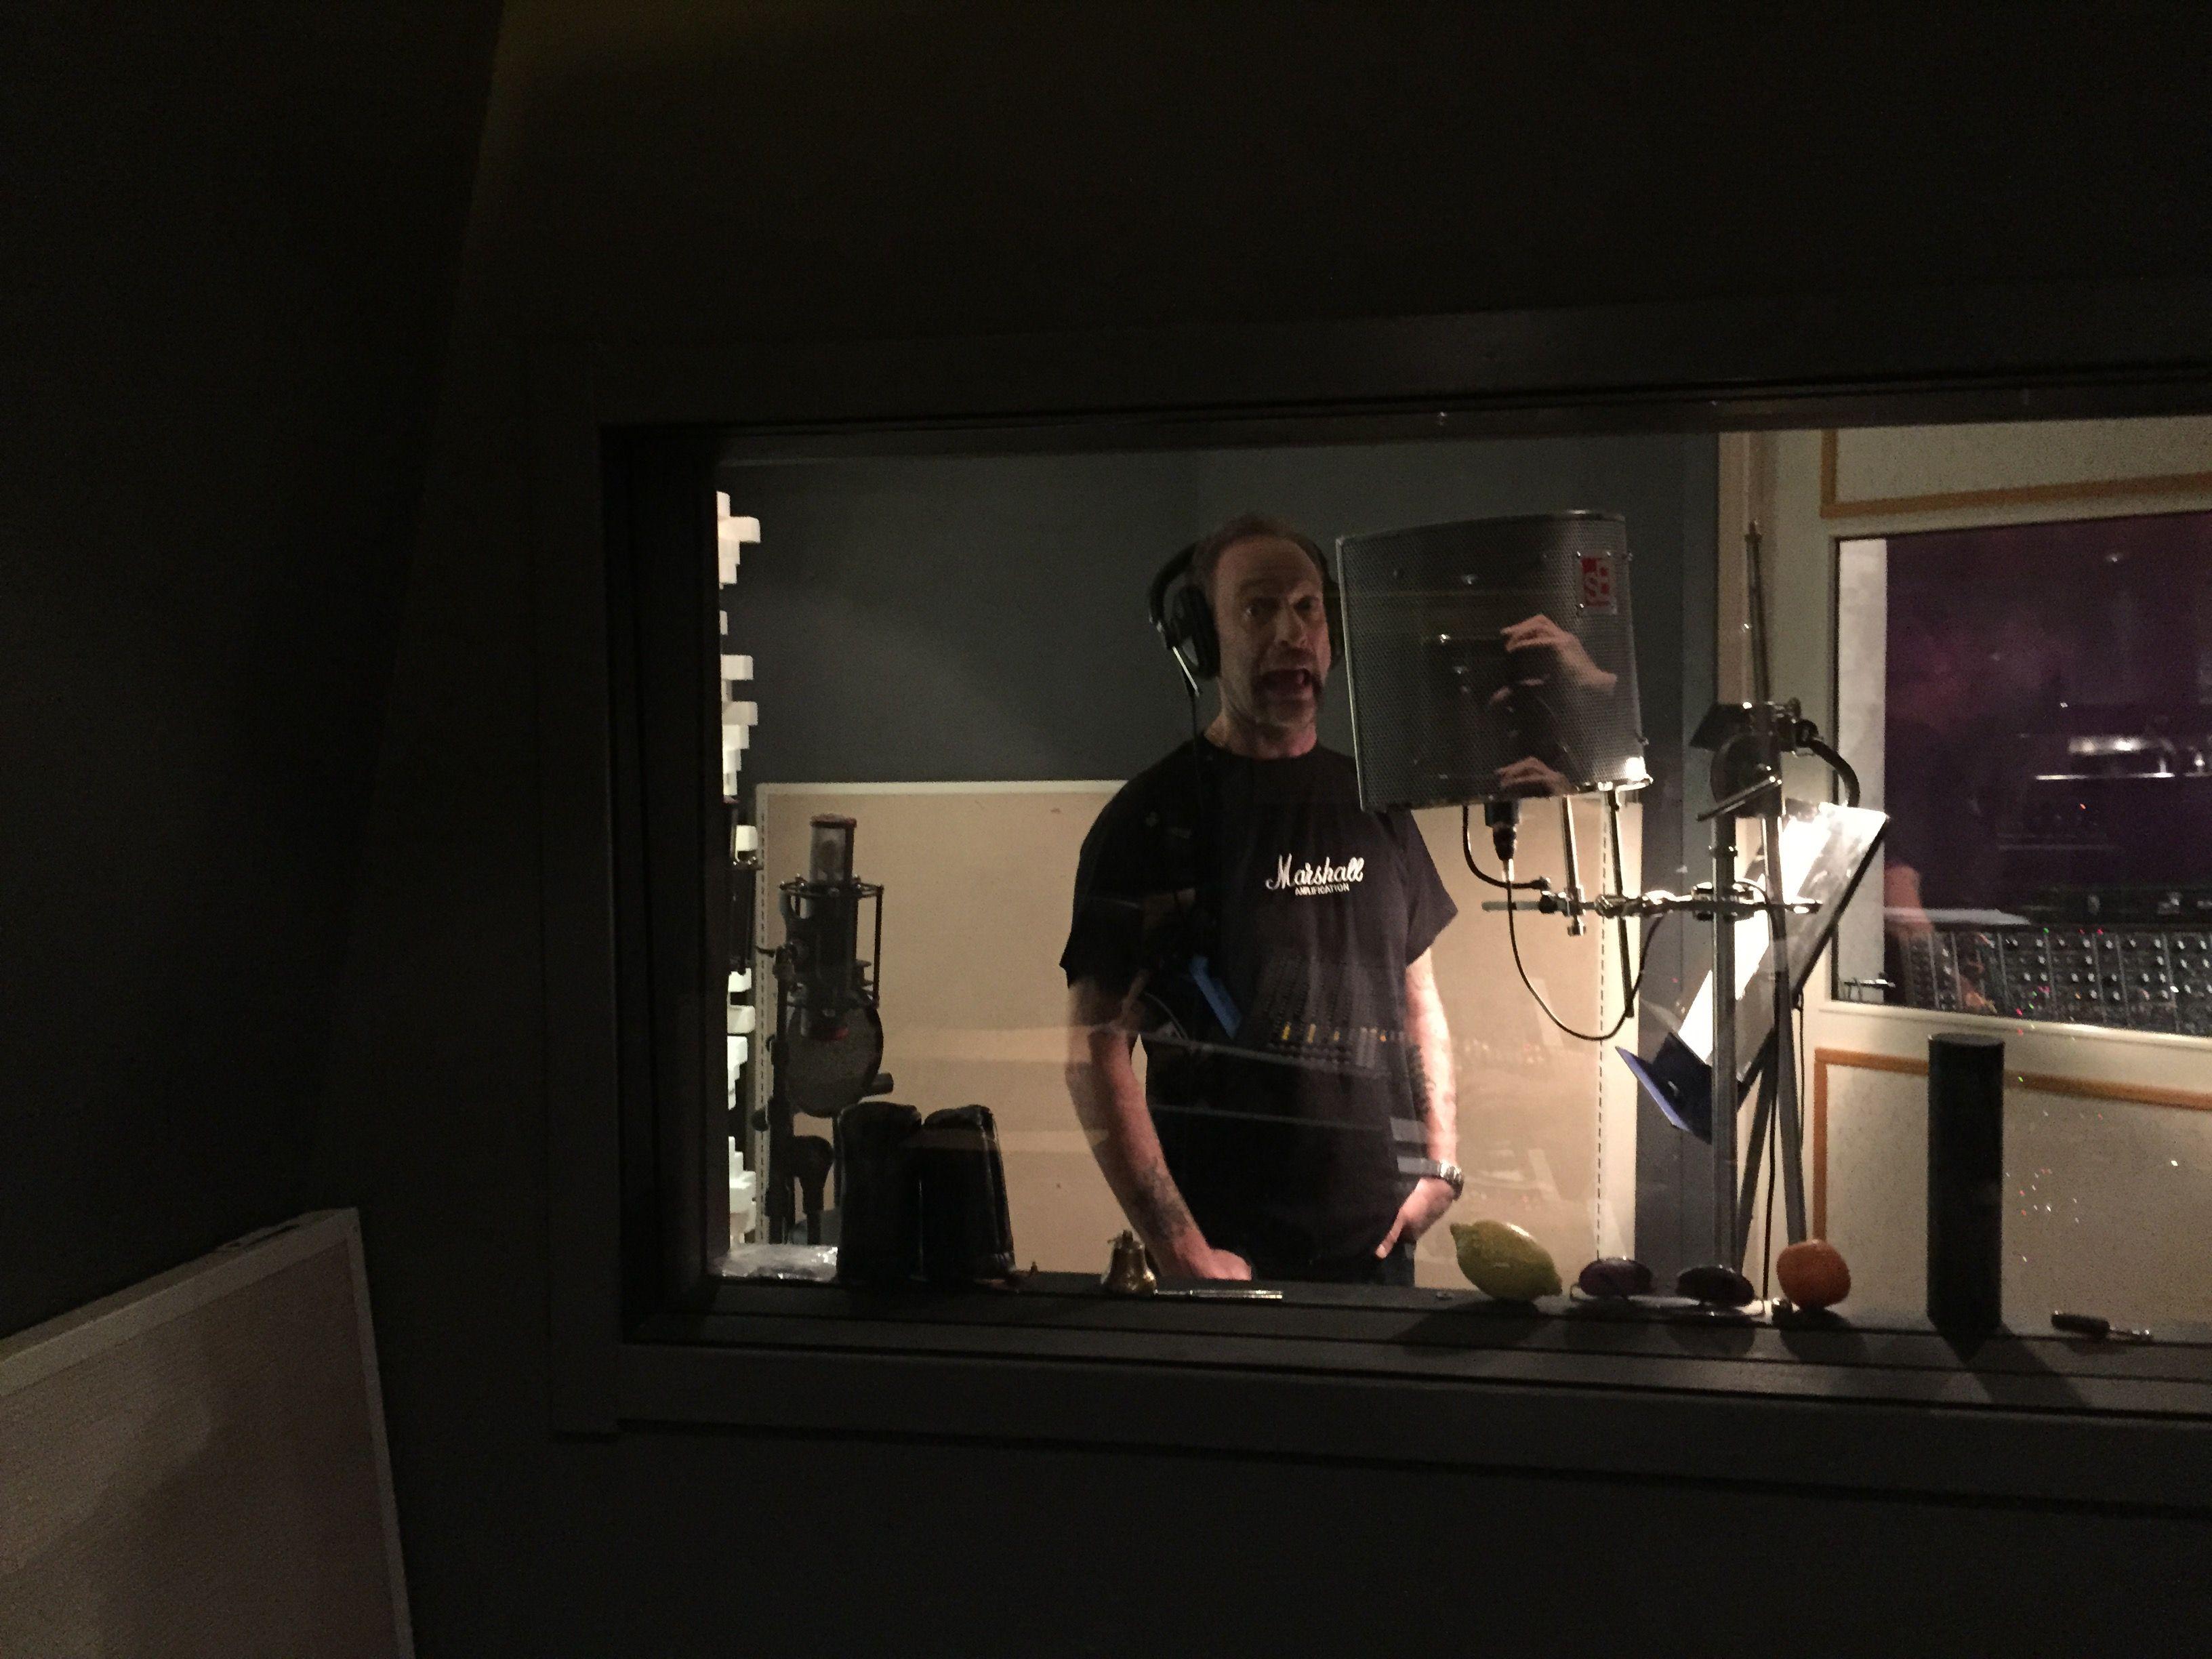 Just goofing off in studio... #renegadefive